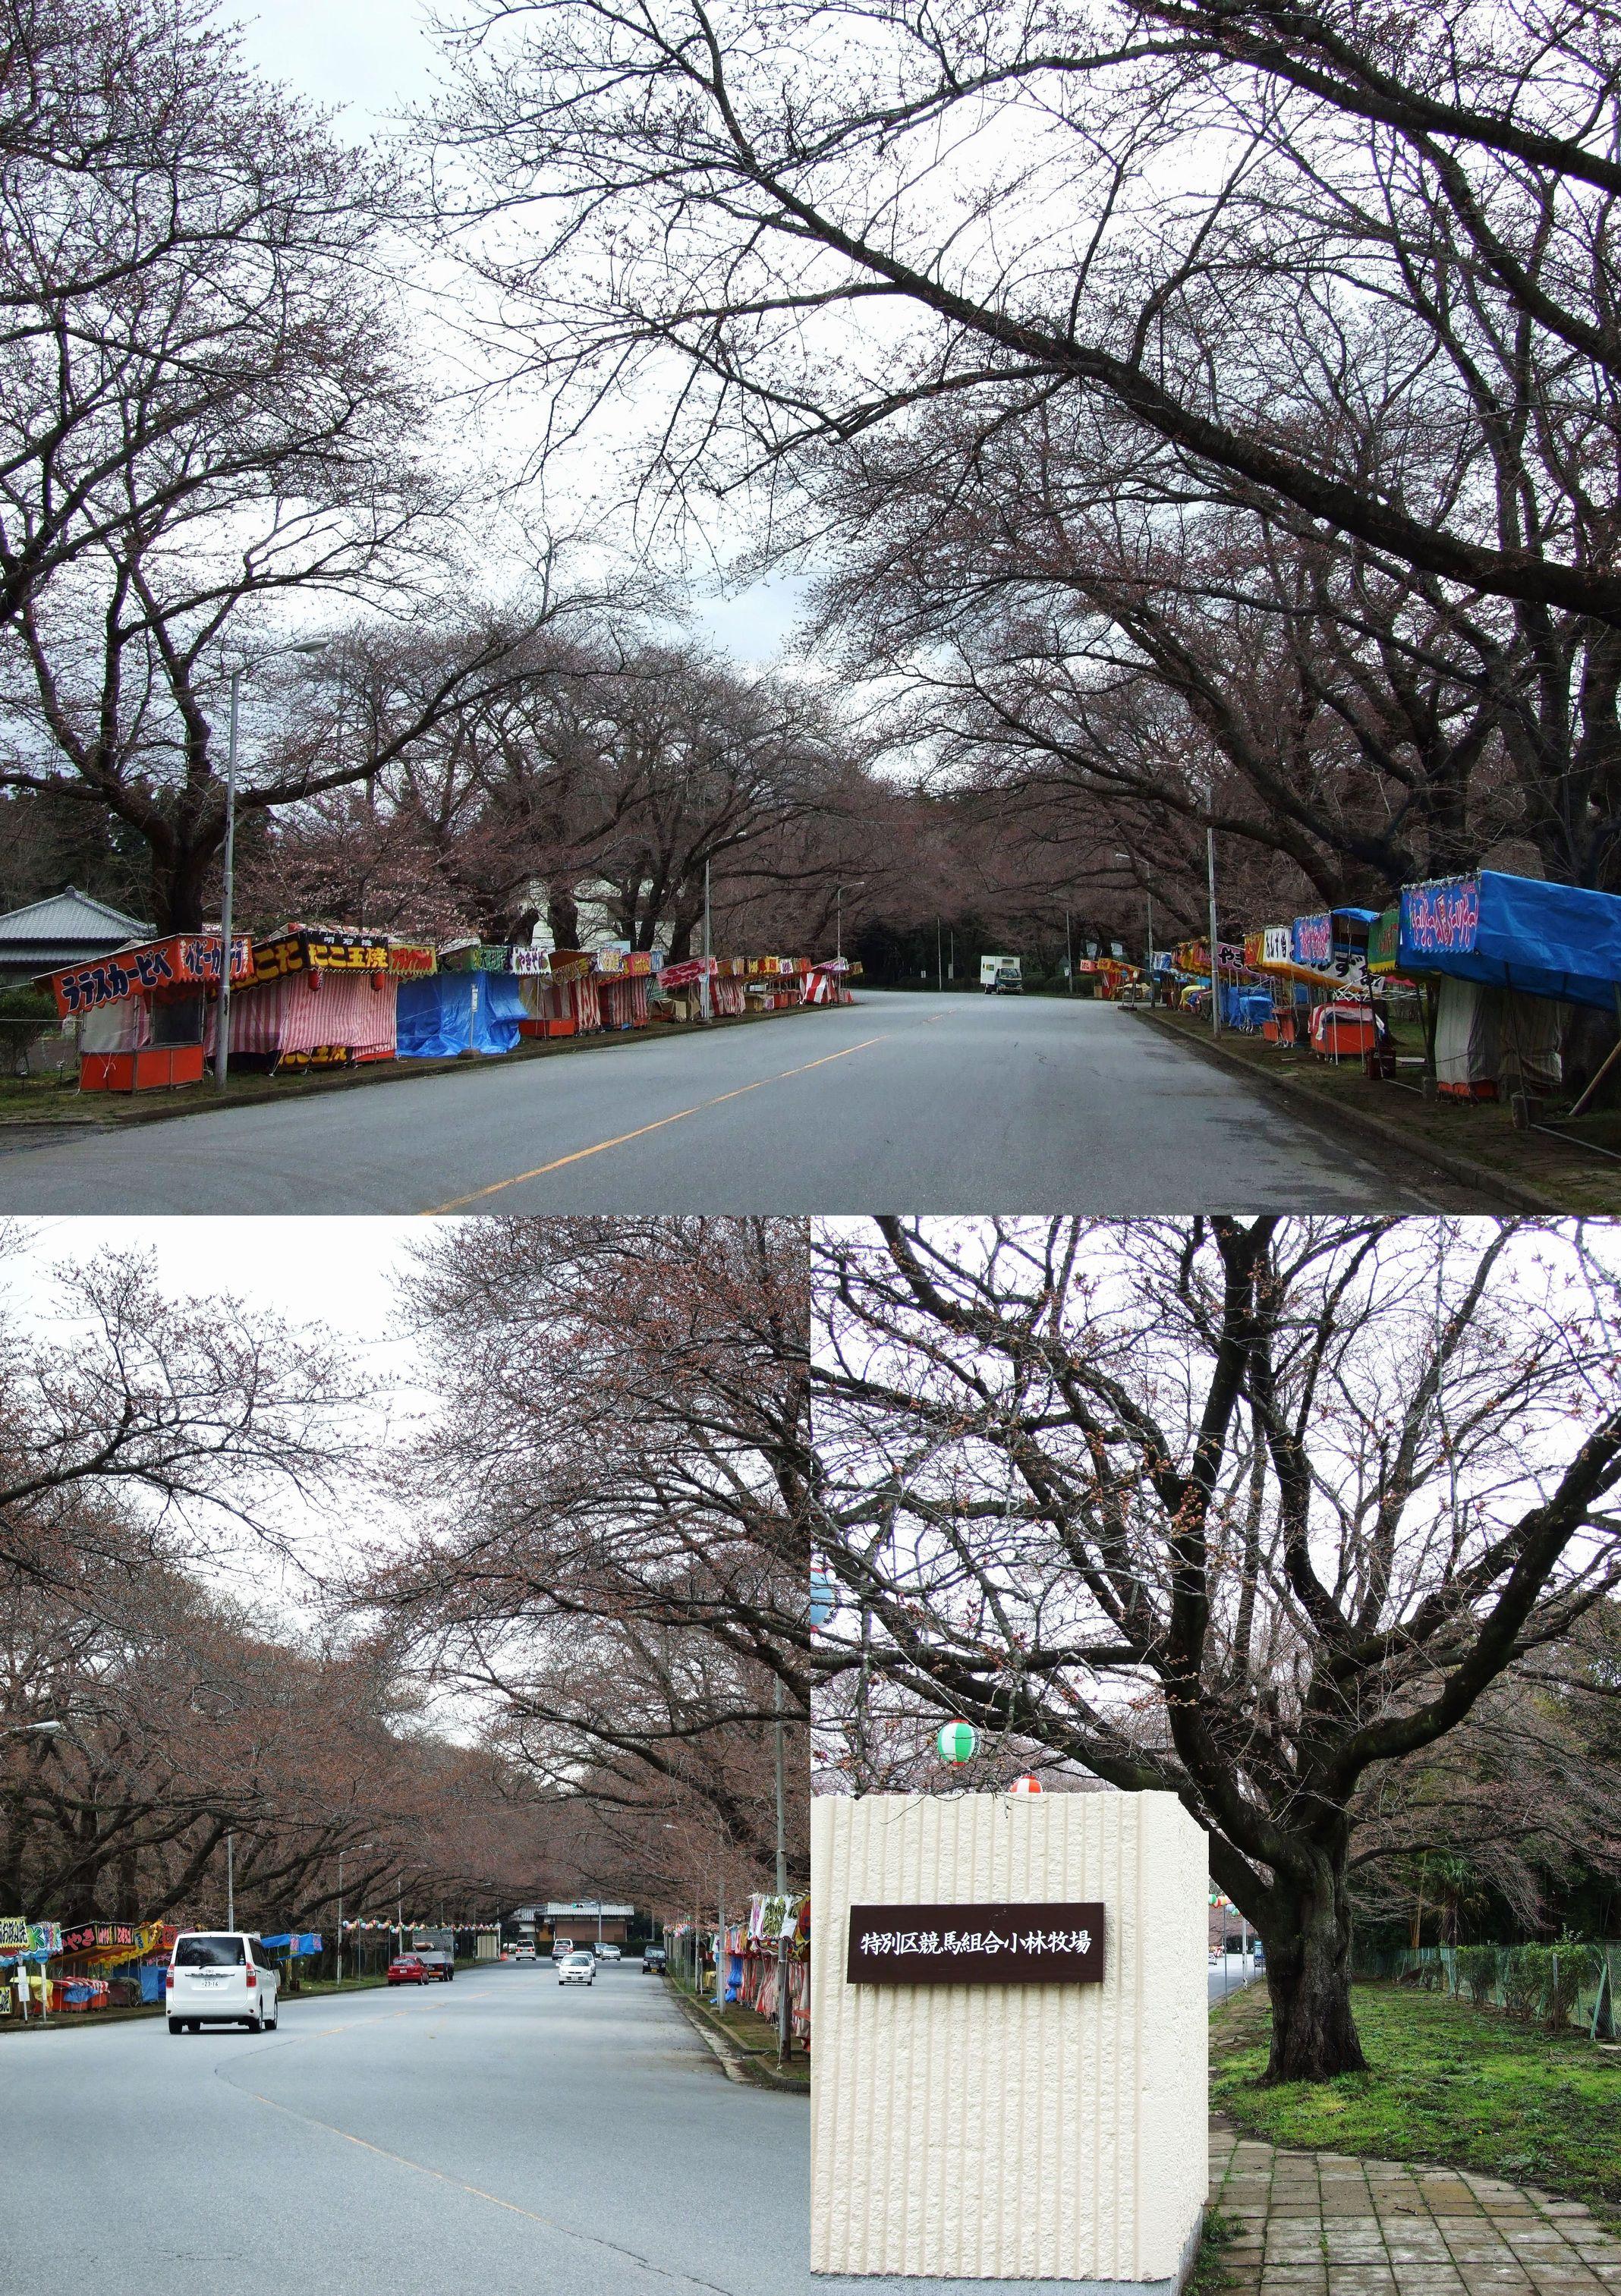 小林牧場 桜の名所です。